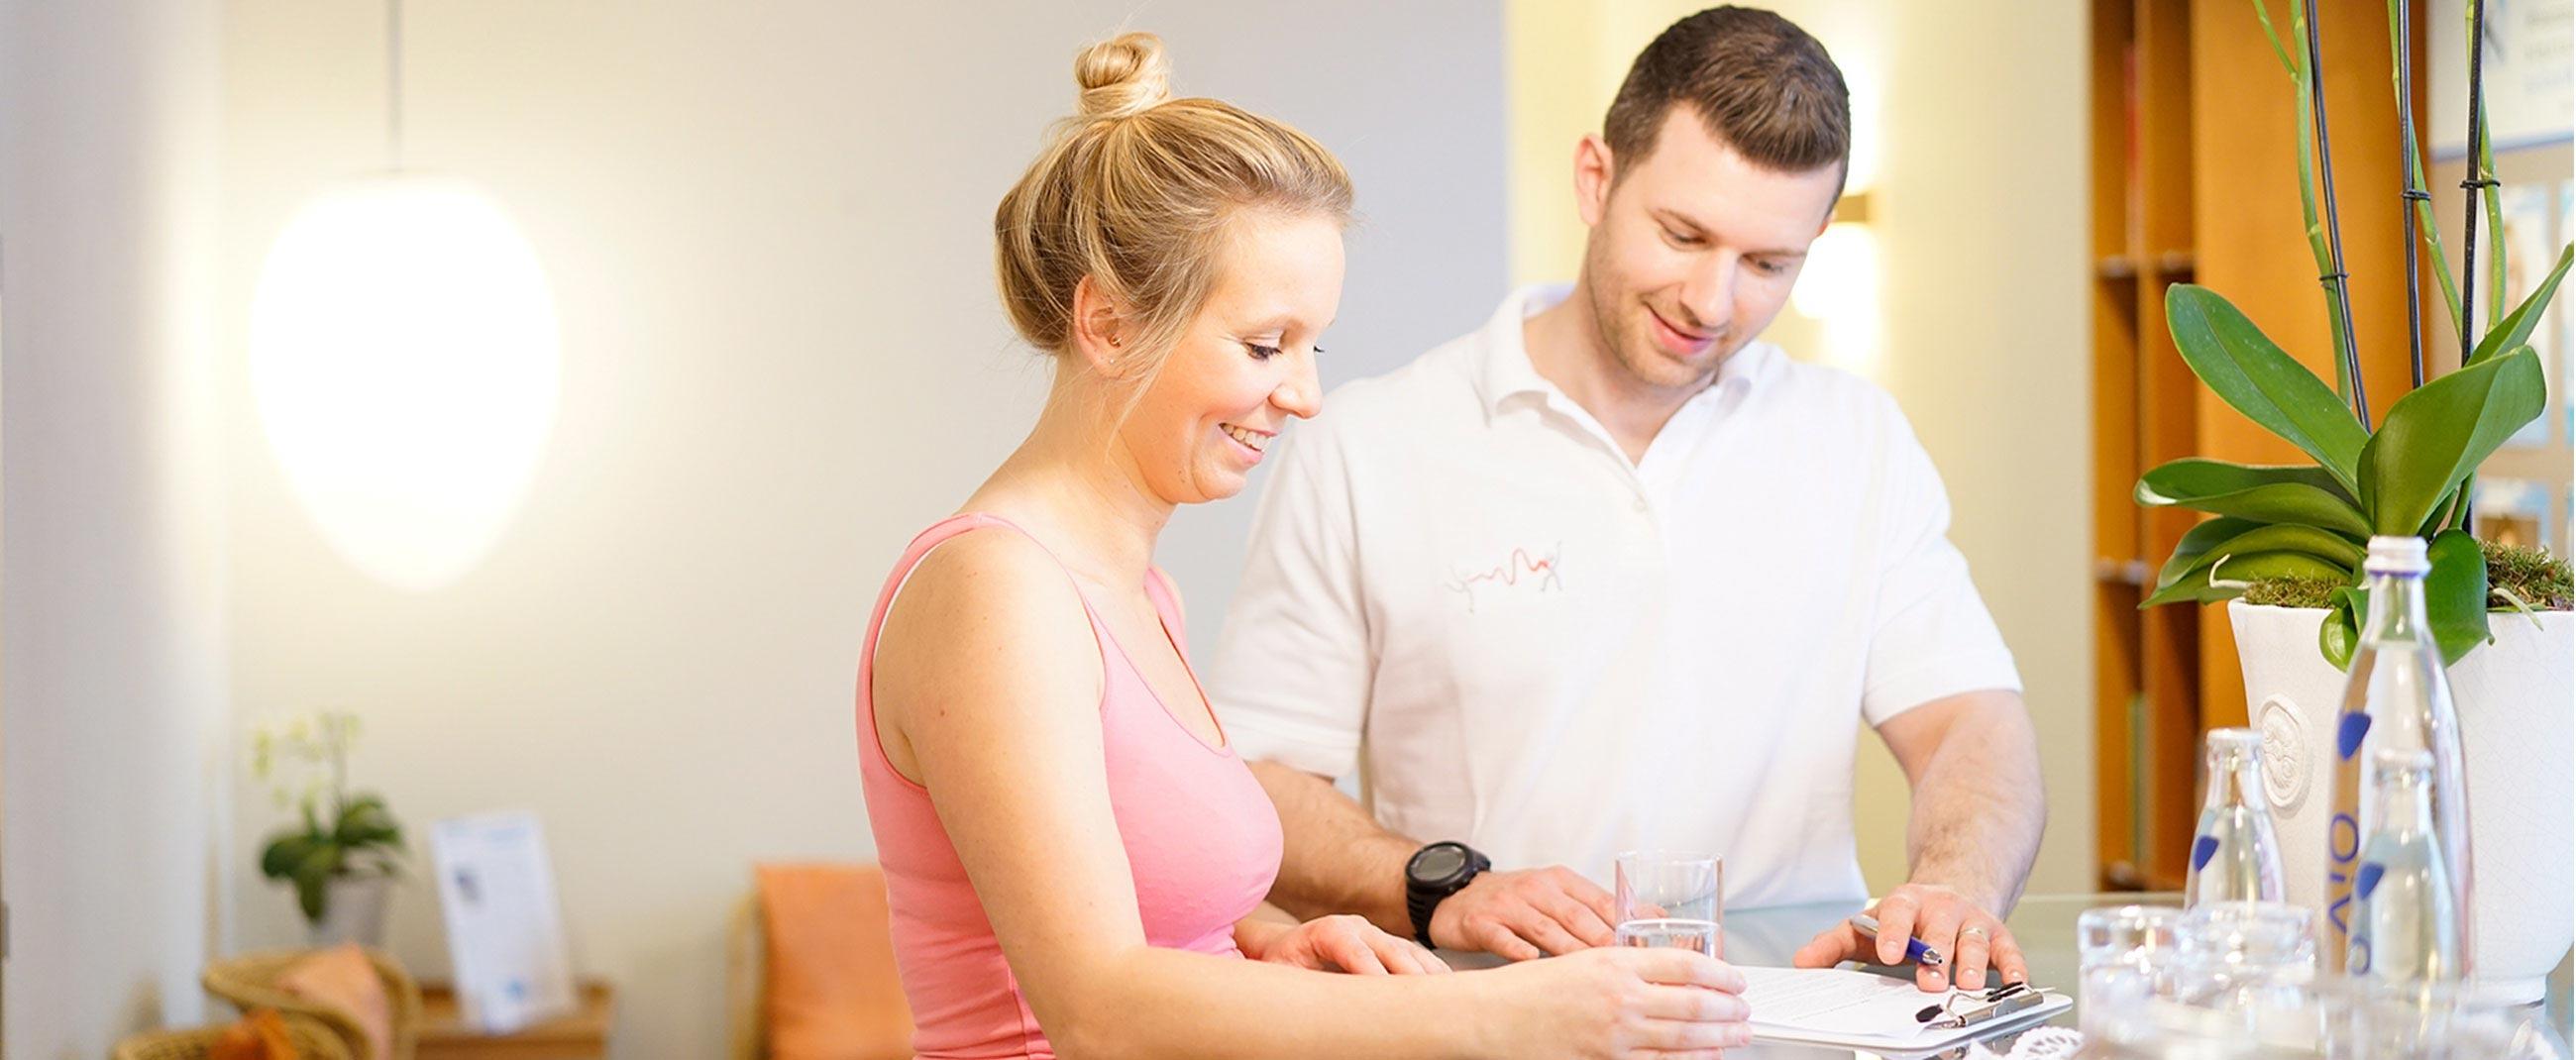 Praxis für Physiotherapie in Düsseldorf